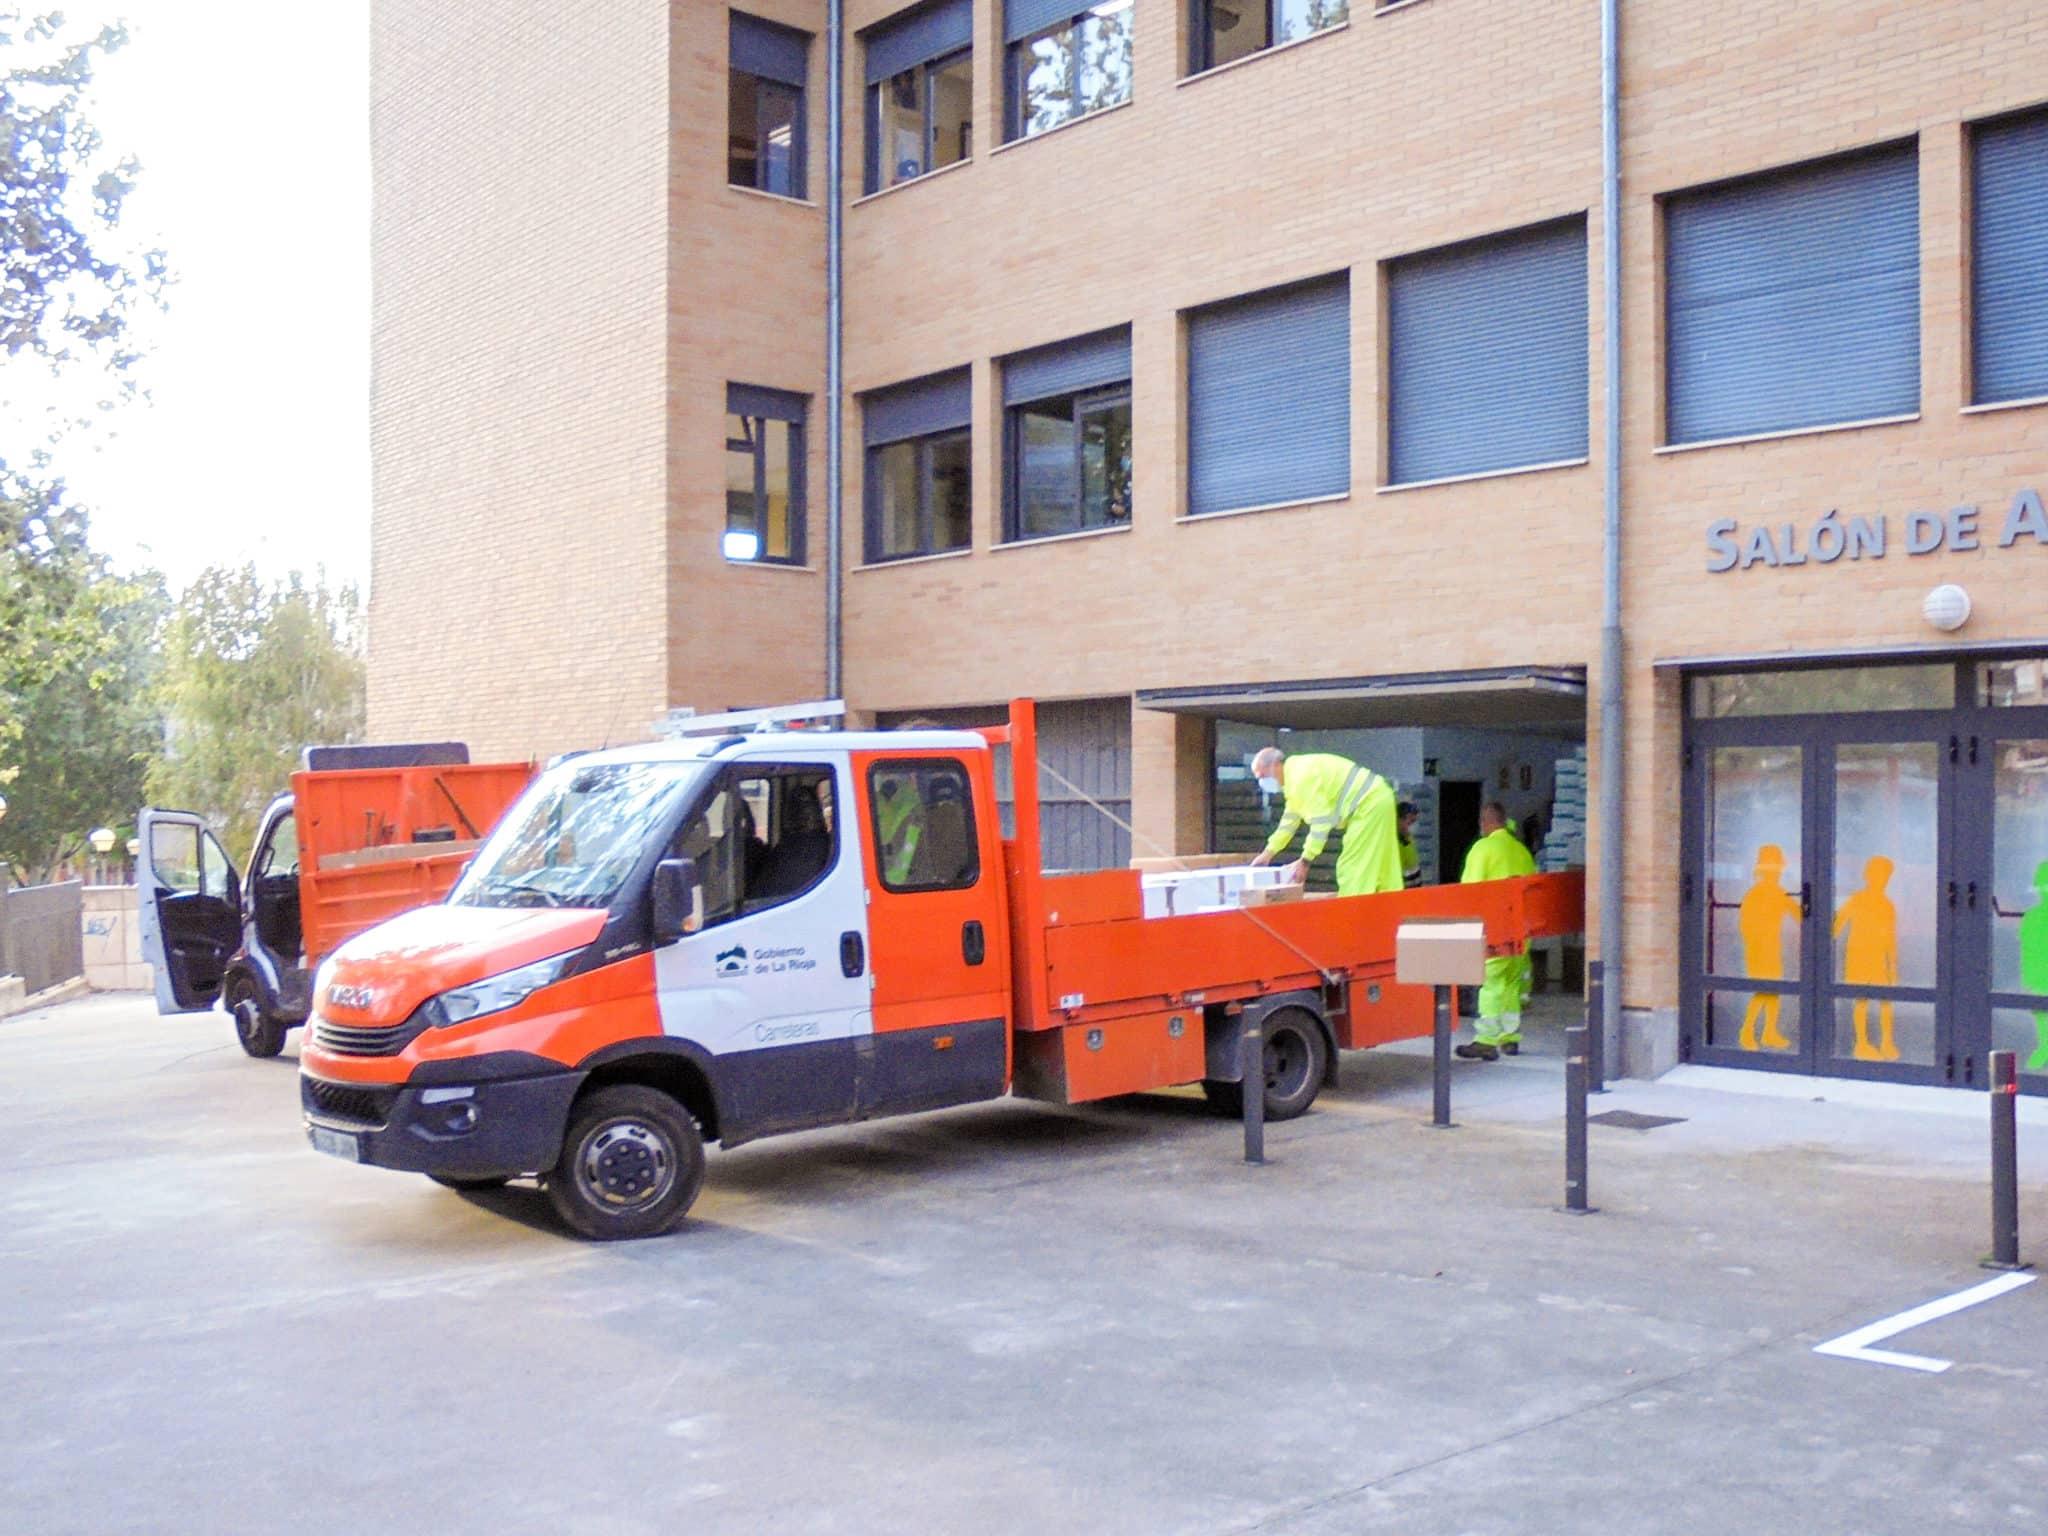 La Rioja realiza un nuevo reparto de material anti-COVID entre los centros educativos 1